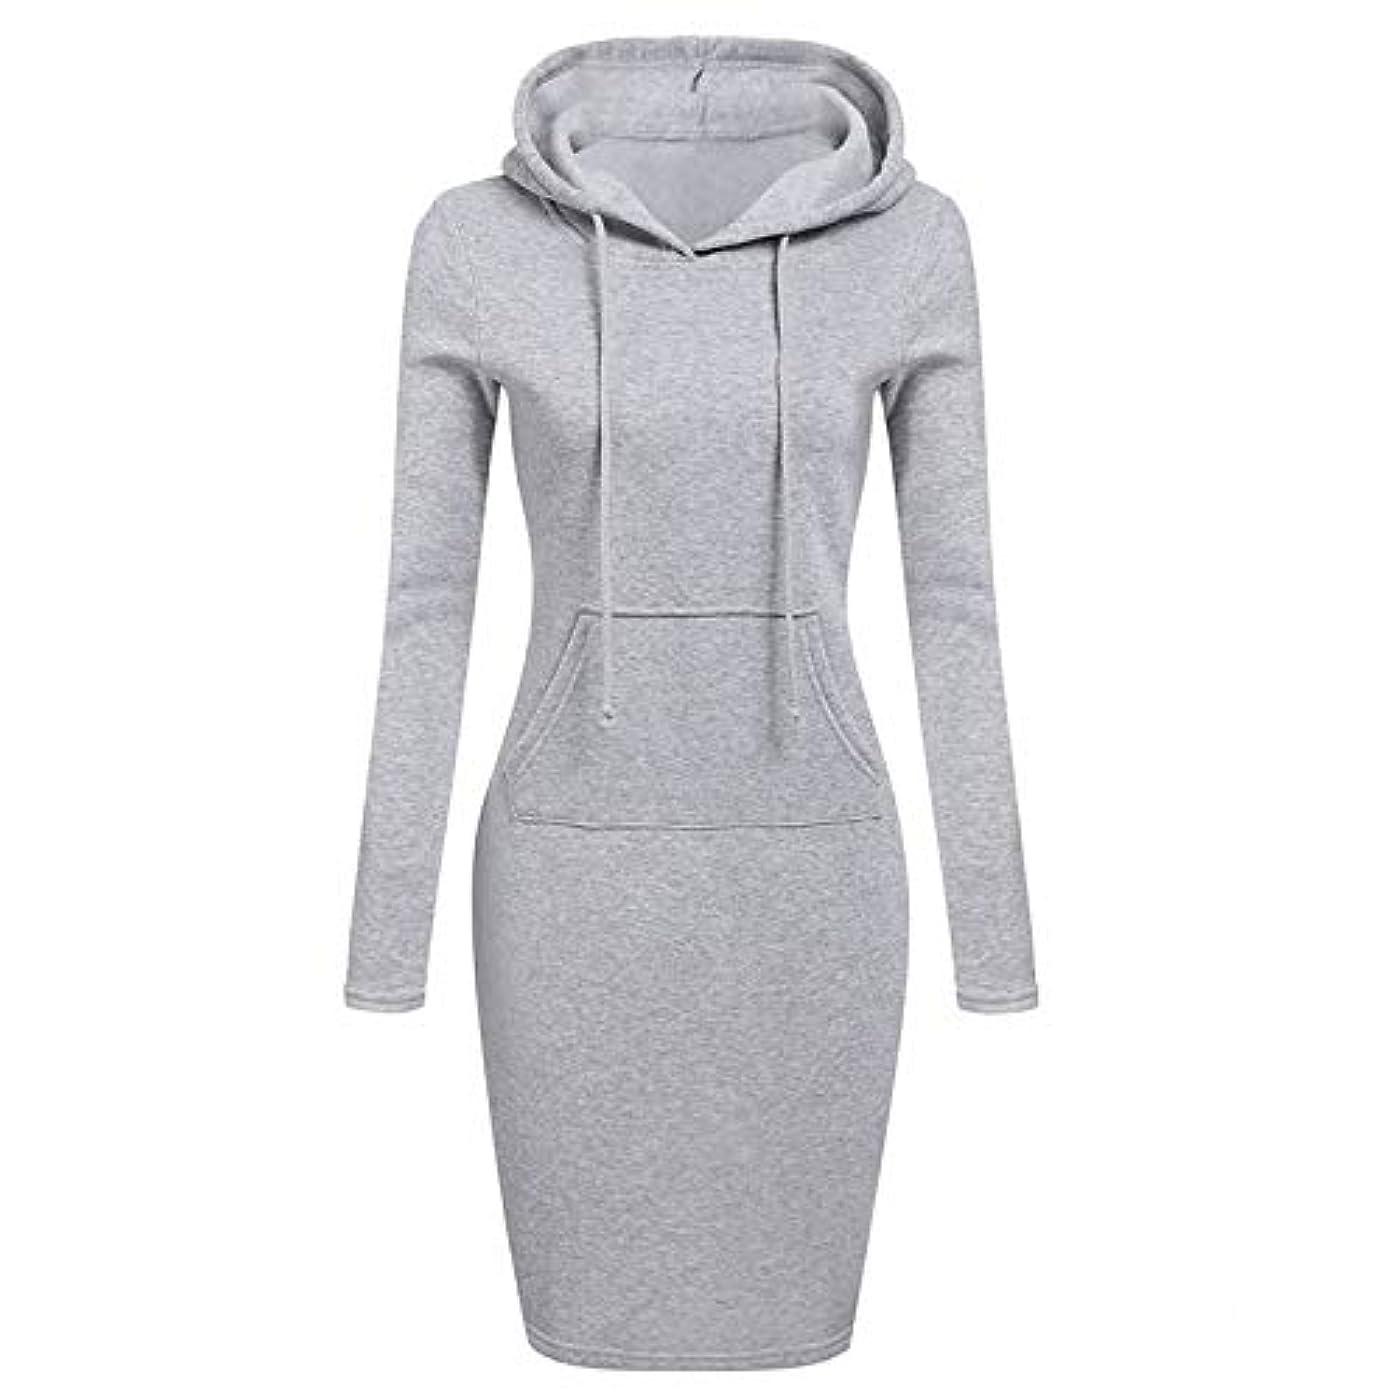 ようこそ拡張明確にOnderroa - ファッションフード付き巾着フリースの女性のドレス秋冬はドレス女性Vestidosパーカースウェットシャツドレスを温めます